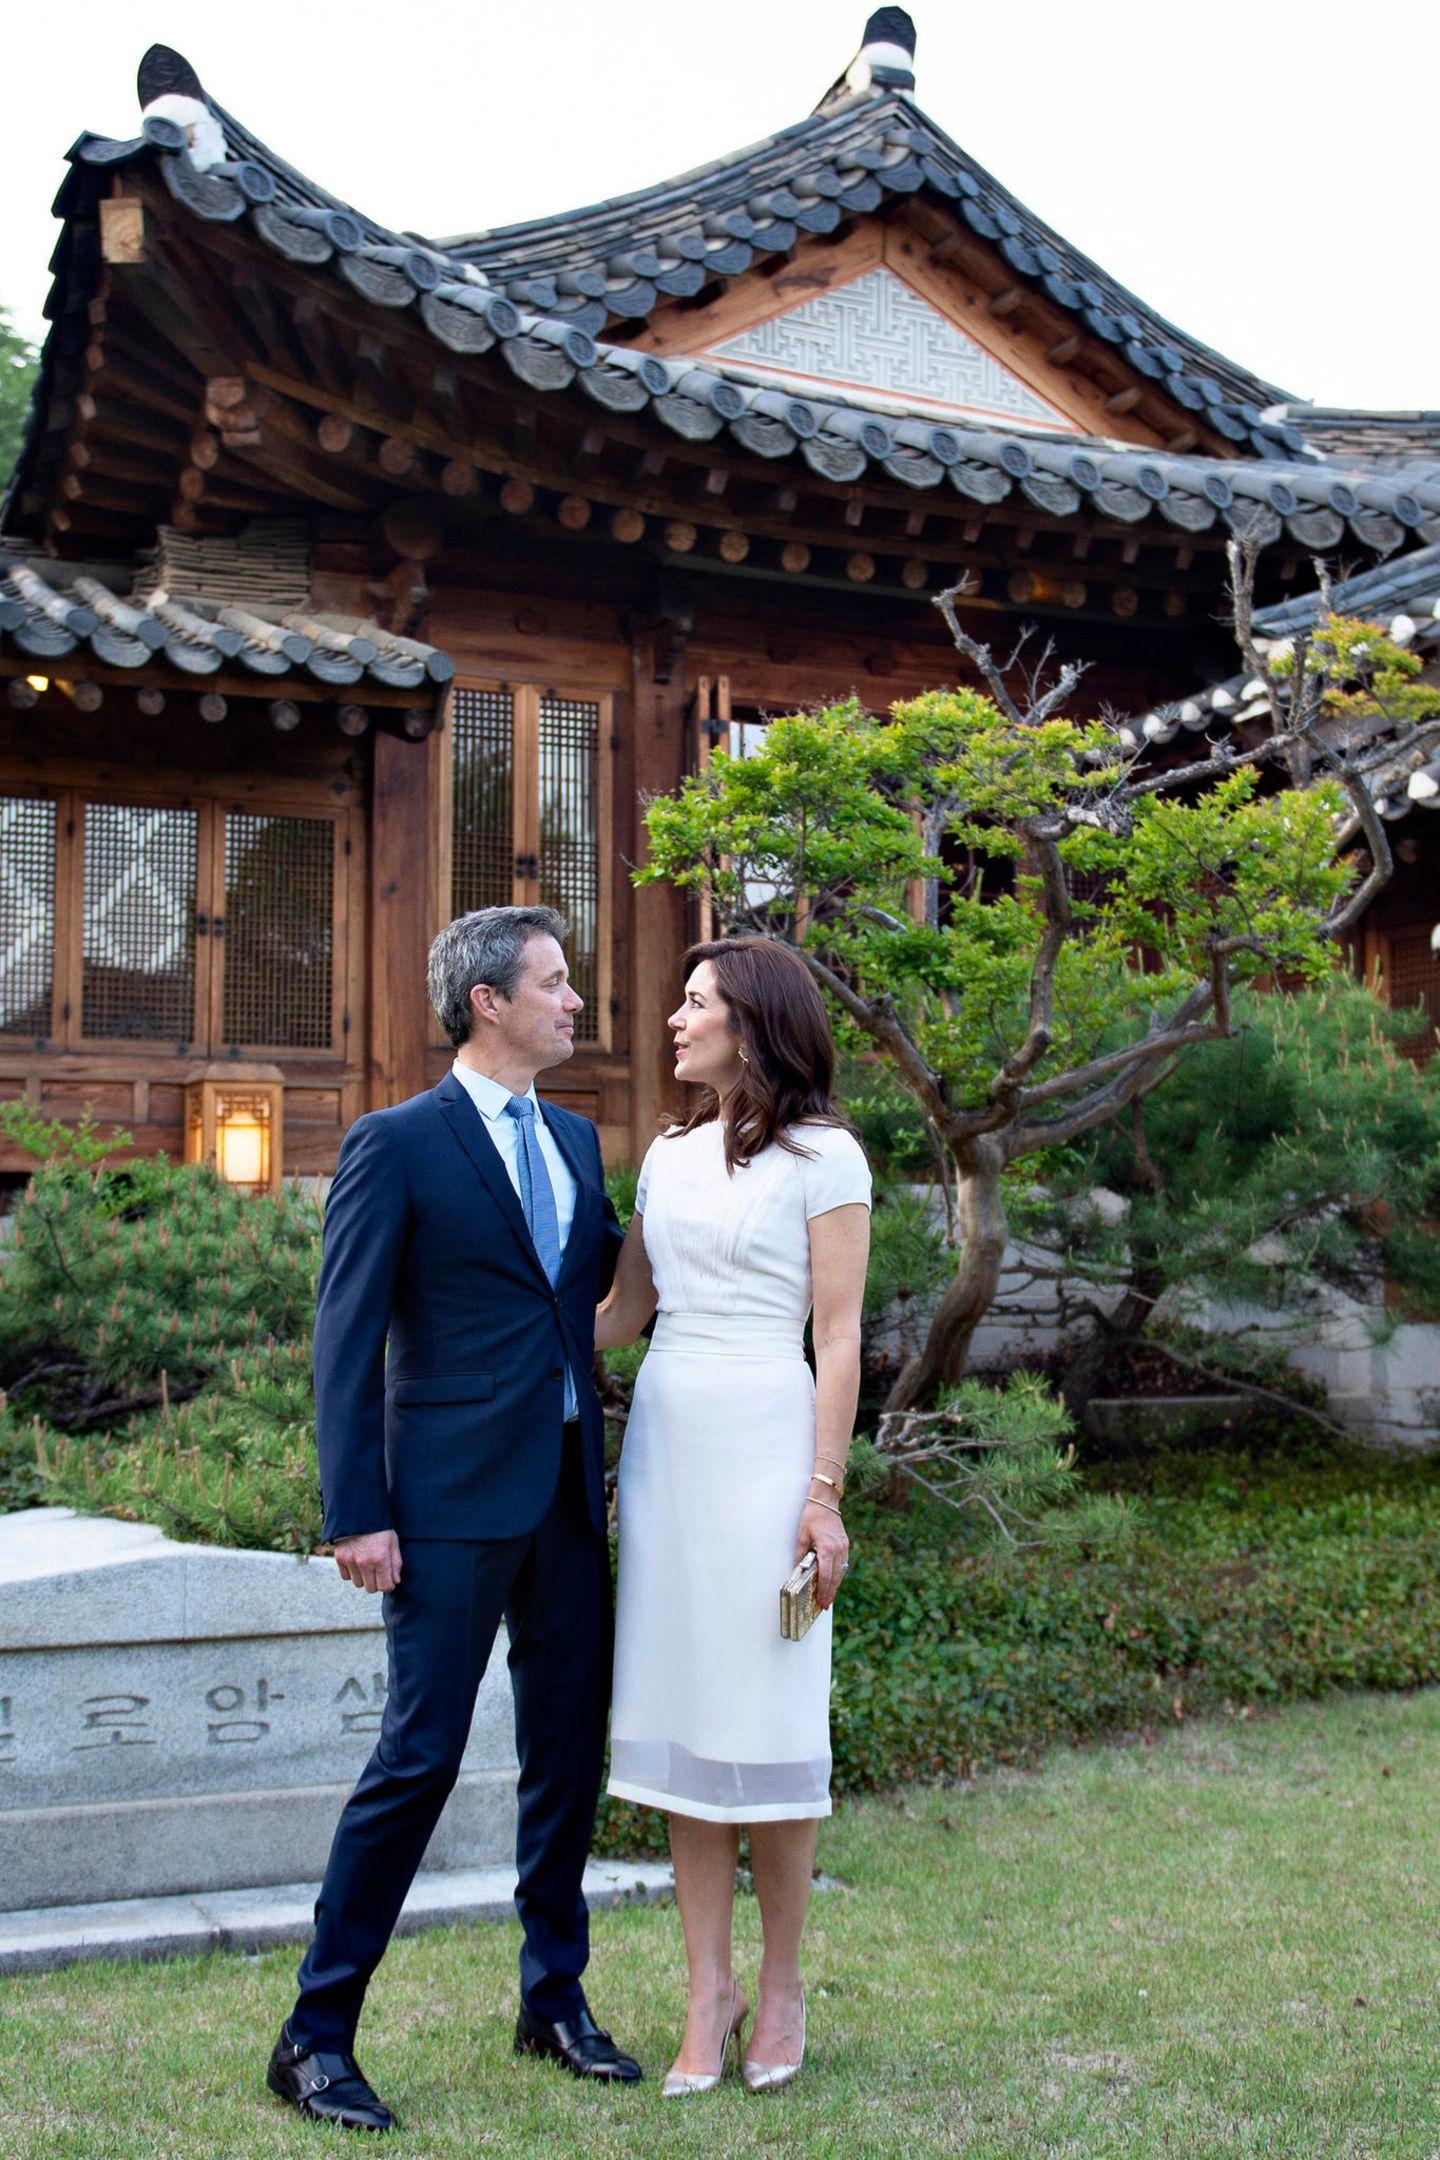 Prinz Frederik und Prinzessin Mary werfen sich vor demDinner im Korea Furniture Museum anlässlich des dänisch-koreanischen Kulturjahres verliebte Blicke zu.